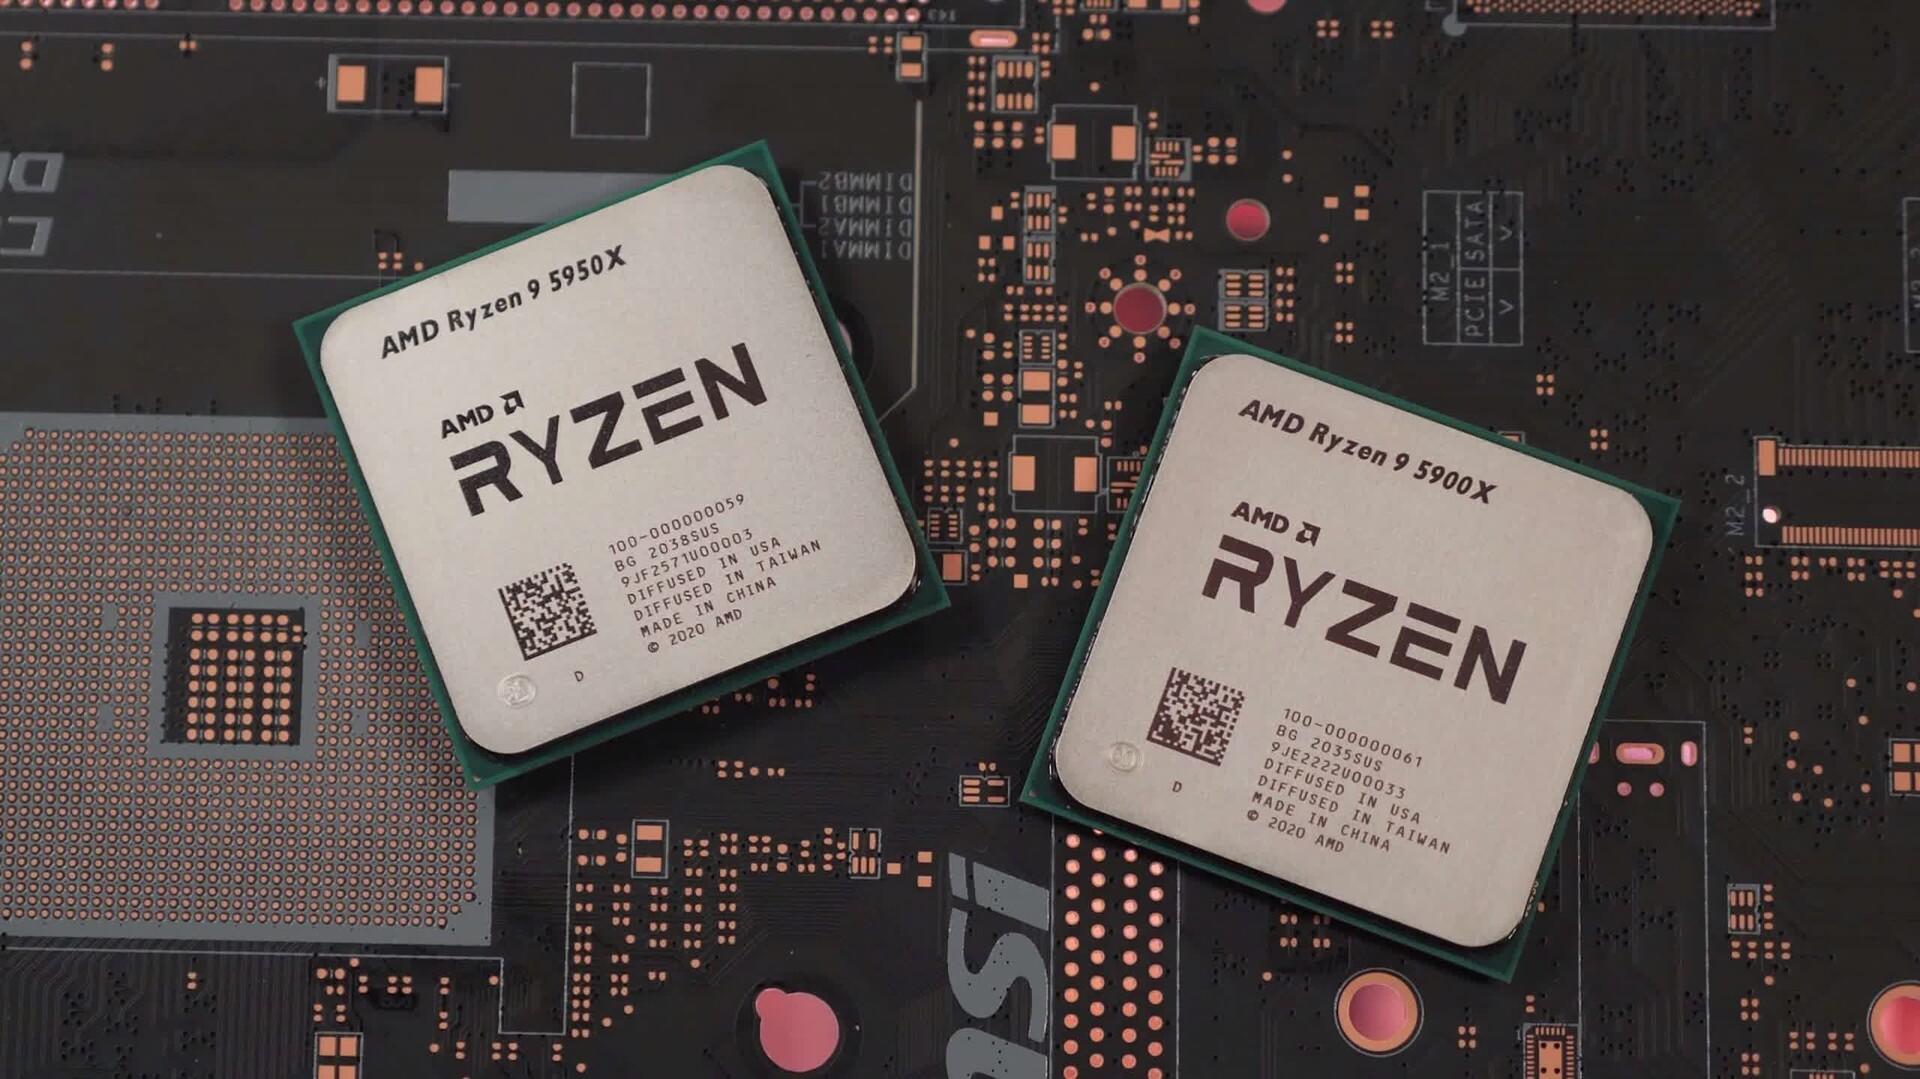 AMD Ryzen 5000 BIOS Firmware: When is it coming out?